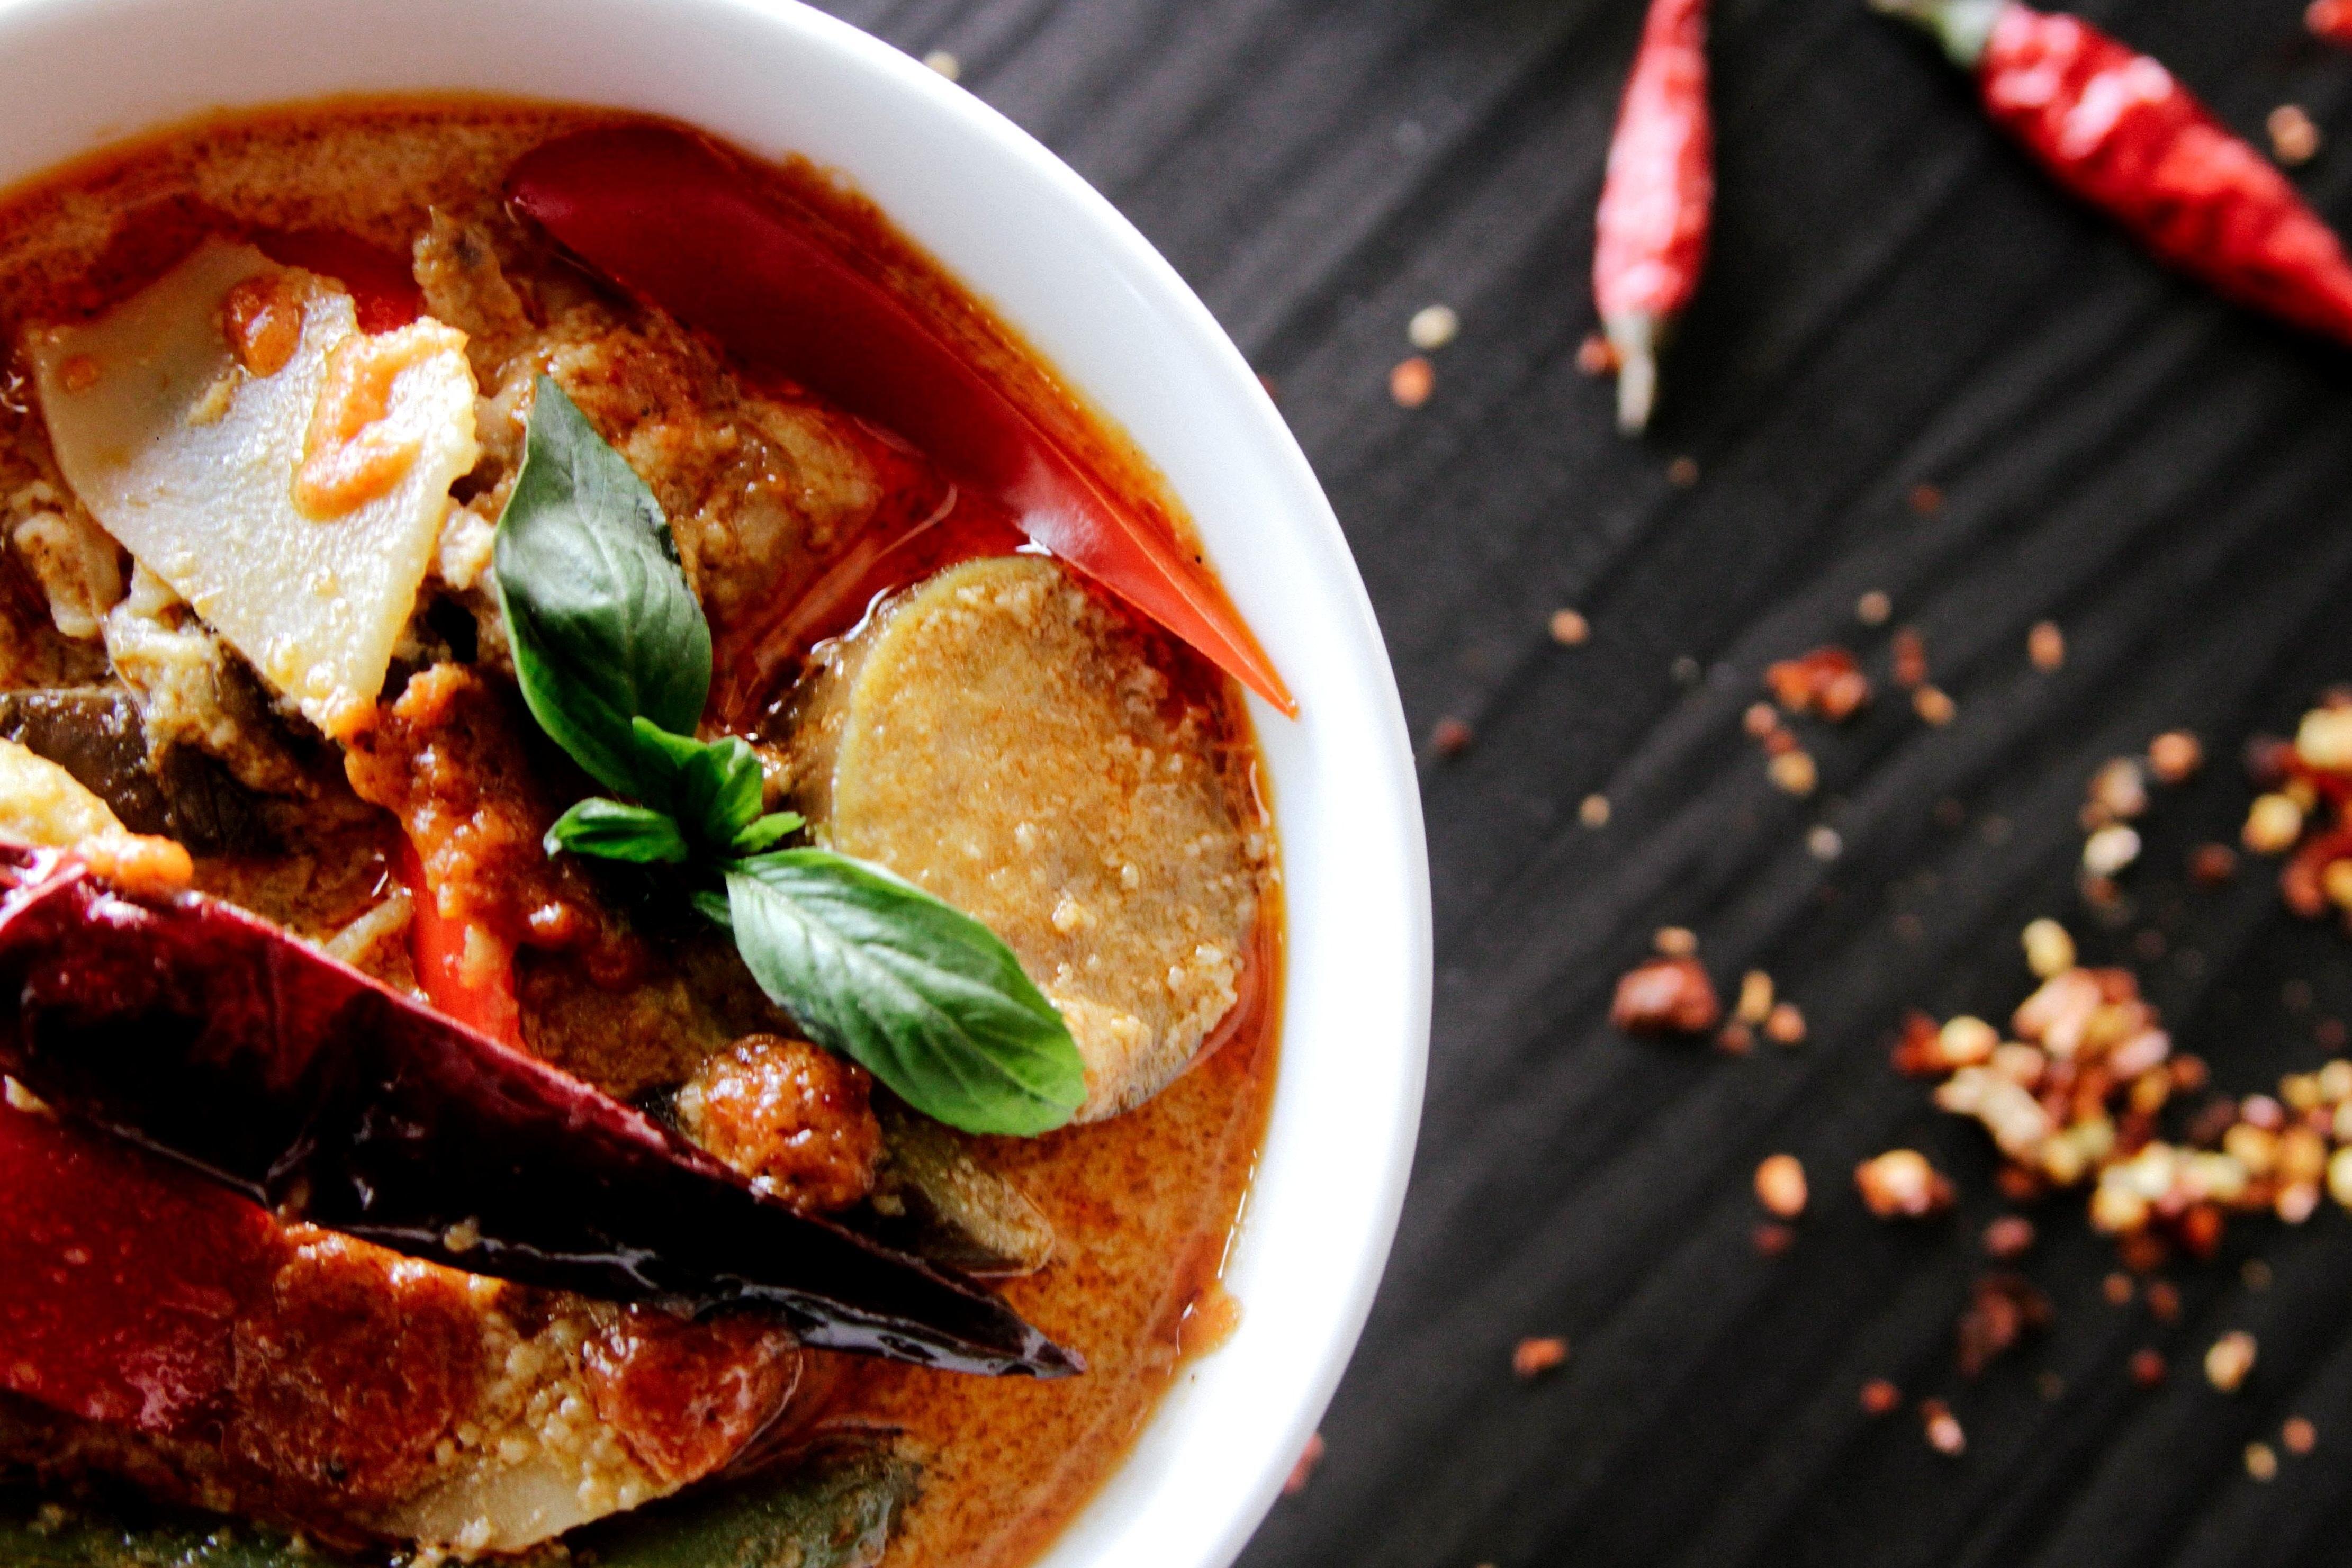 Imagen gratis Sopa plato almuerzo comida plato carne cocina restaurante gourmet vegetales